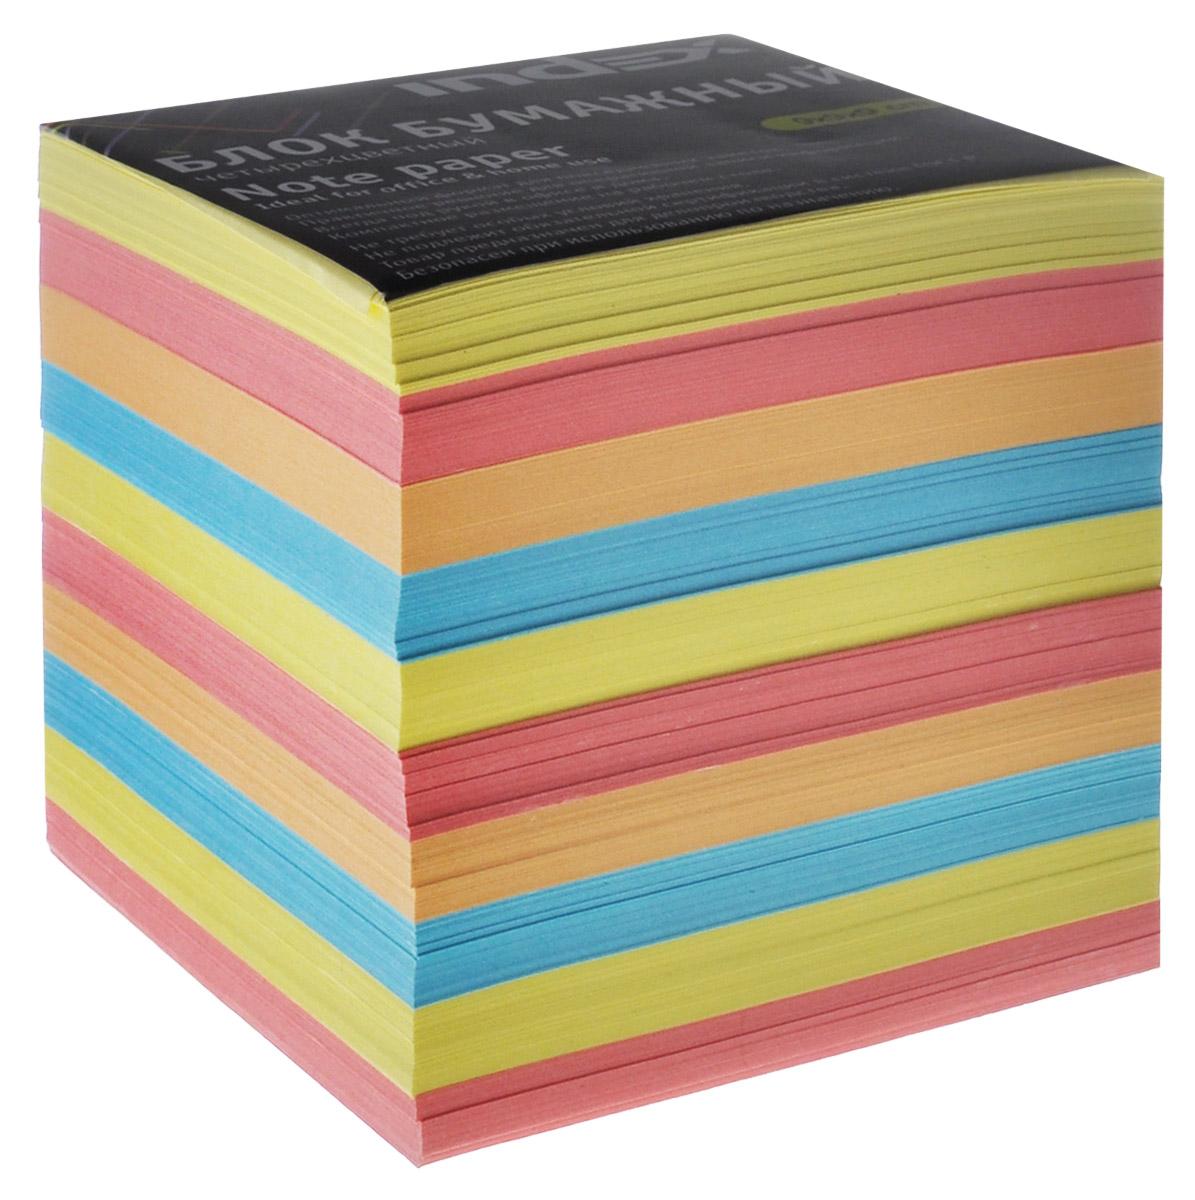 Index Блок для записей многоцветный, цвет: желтый, розовый, голубойI9910/N/R_желтый, розовый, голубойБумага для записей Index - практичное решение для оперативной записи информации в офисе или дома. Блок состоит из листов разноцветной бумаги, что помогает лучше ориентироваться во множестве повседневных заметок. А яркий блок-кубик на вашем рабочем столе поднимет настроение вам и вашим коллегам!